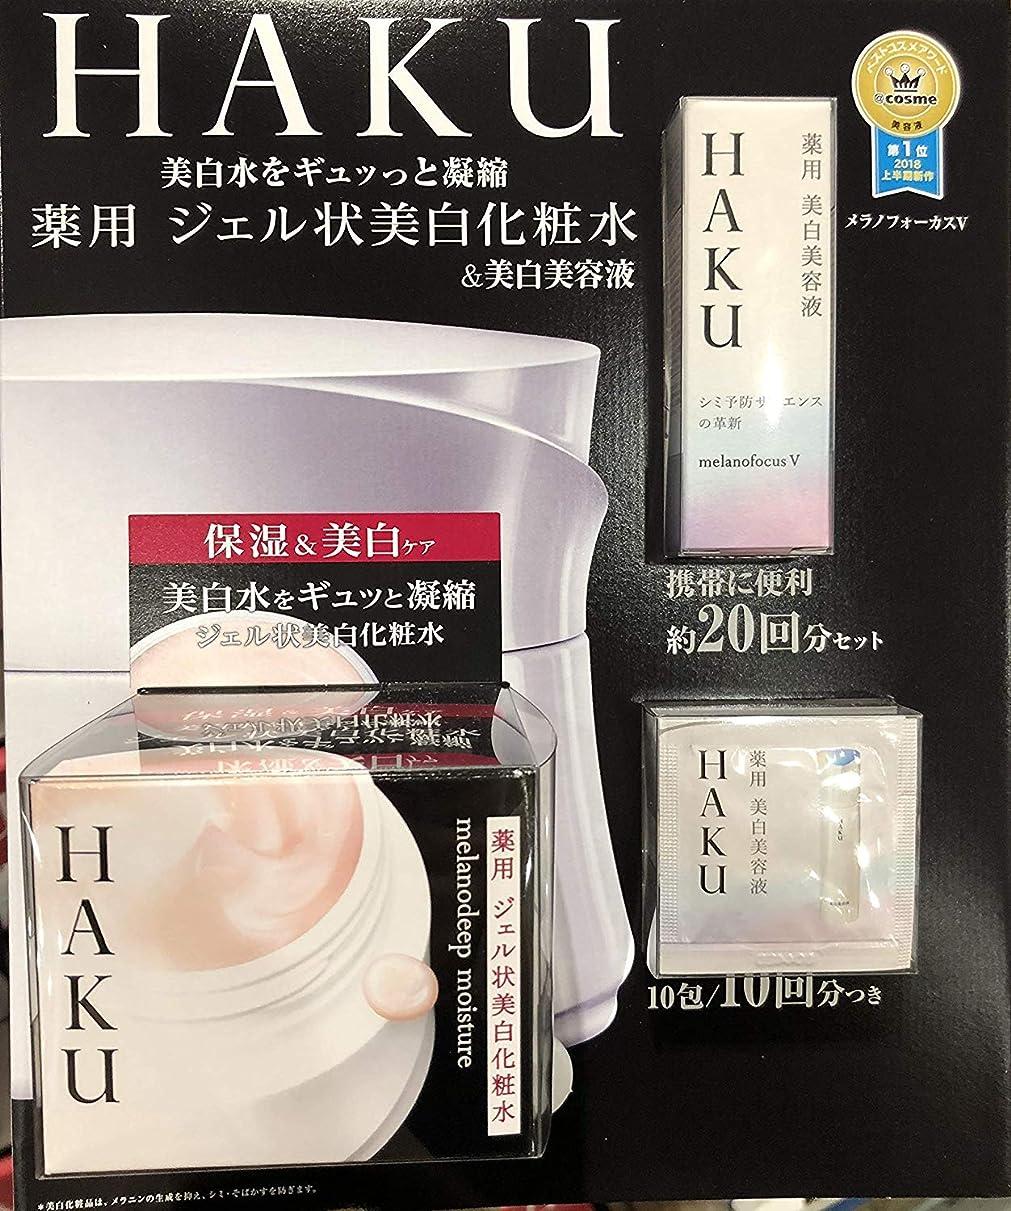 苛性偏心代表する資生堂 HAKU 美白セット 薬用 ジェル状美白化粧水&薬用美白乳液セット